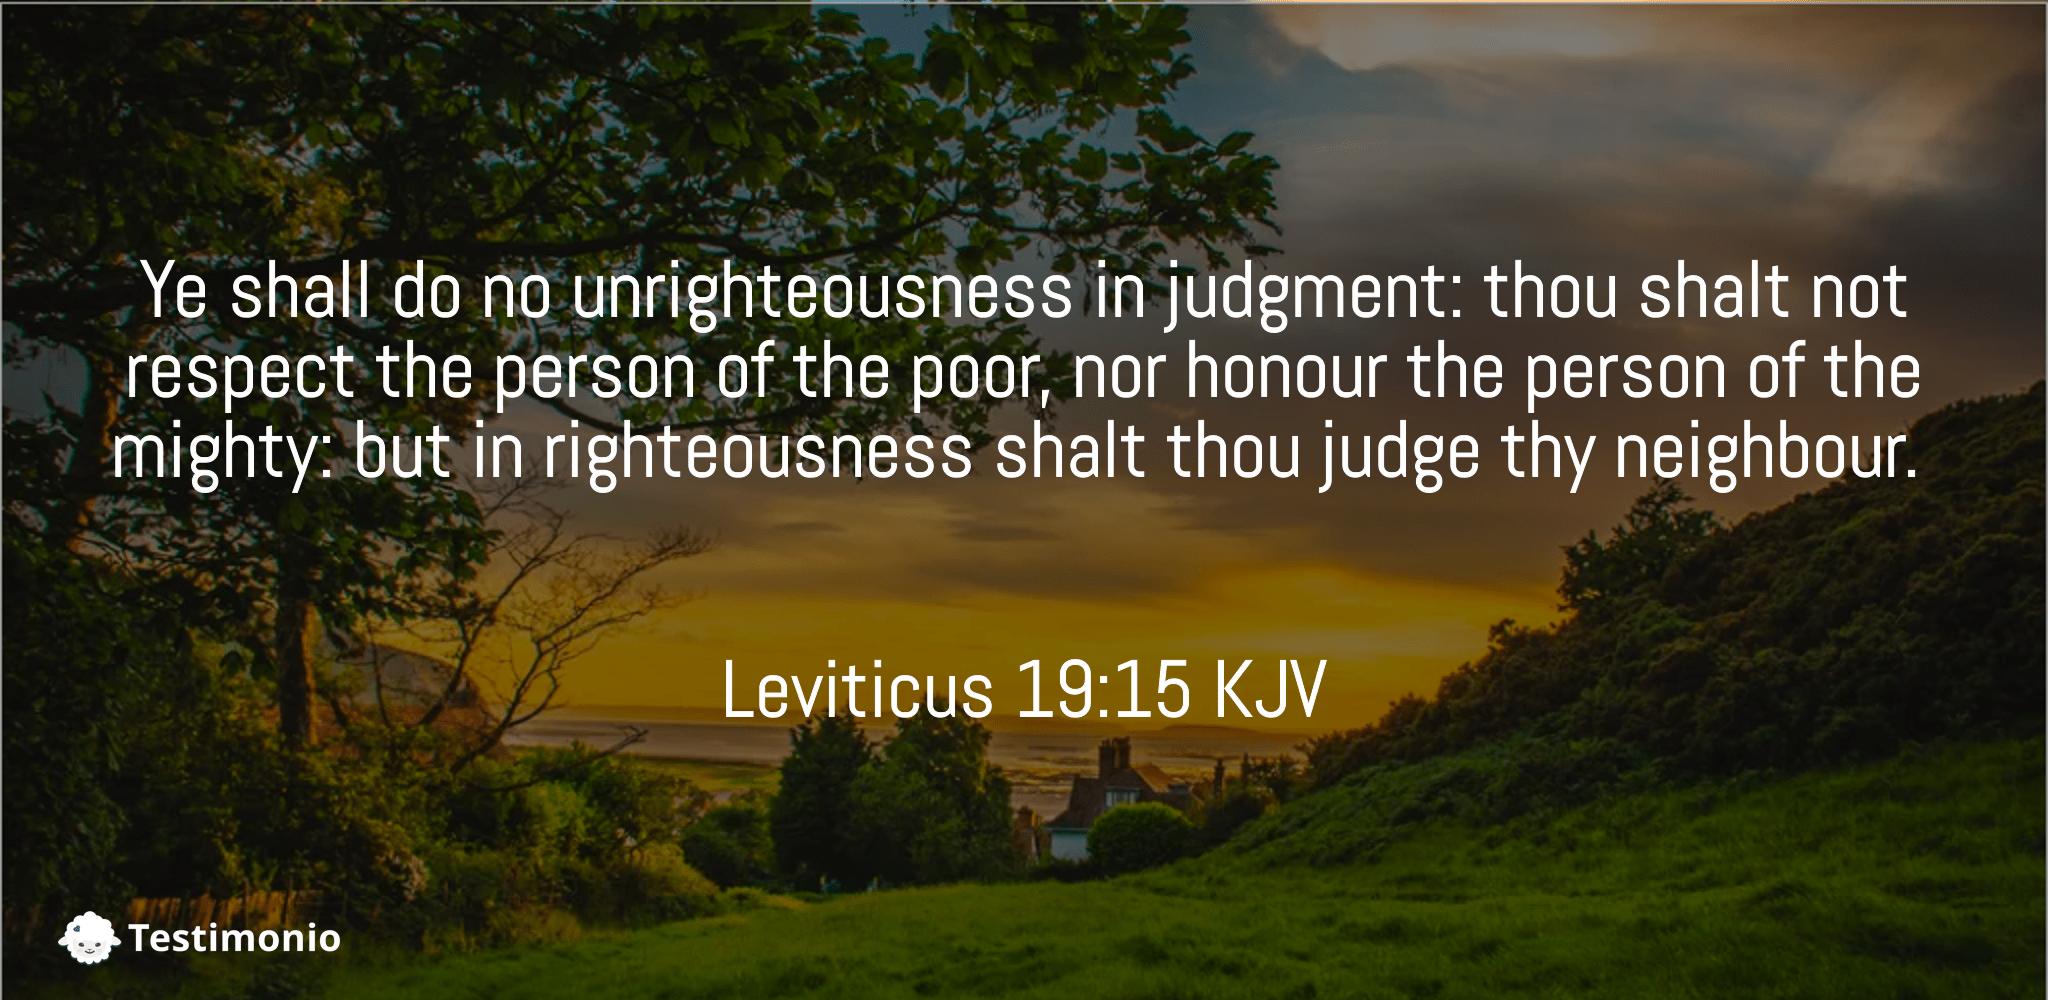 Leviticus 19:15